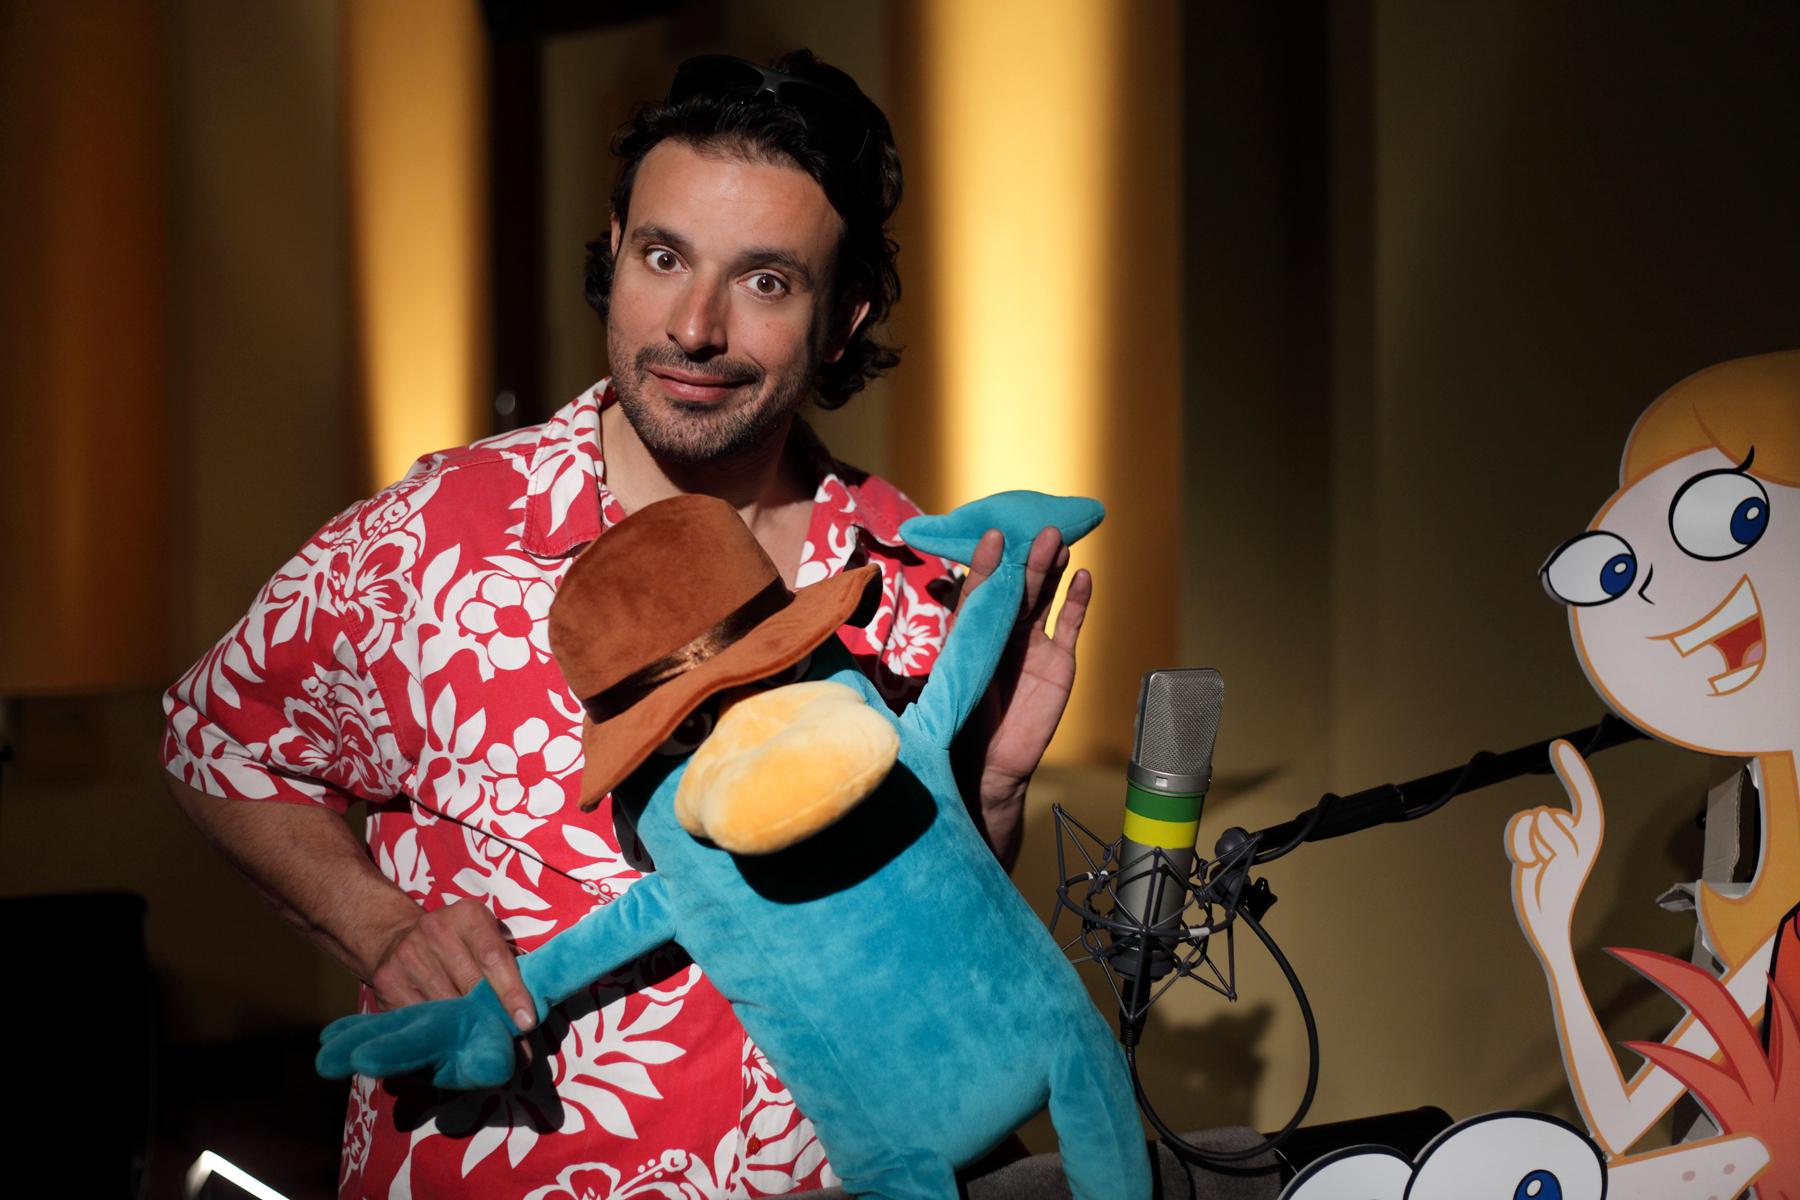 Bruno et les animaux, une longue histoire d'amour. Ici avec Perry l'ornithorynque !